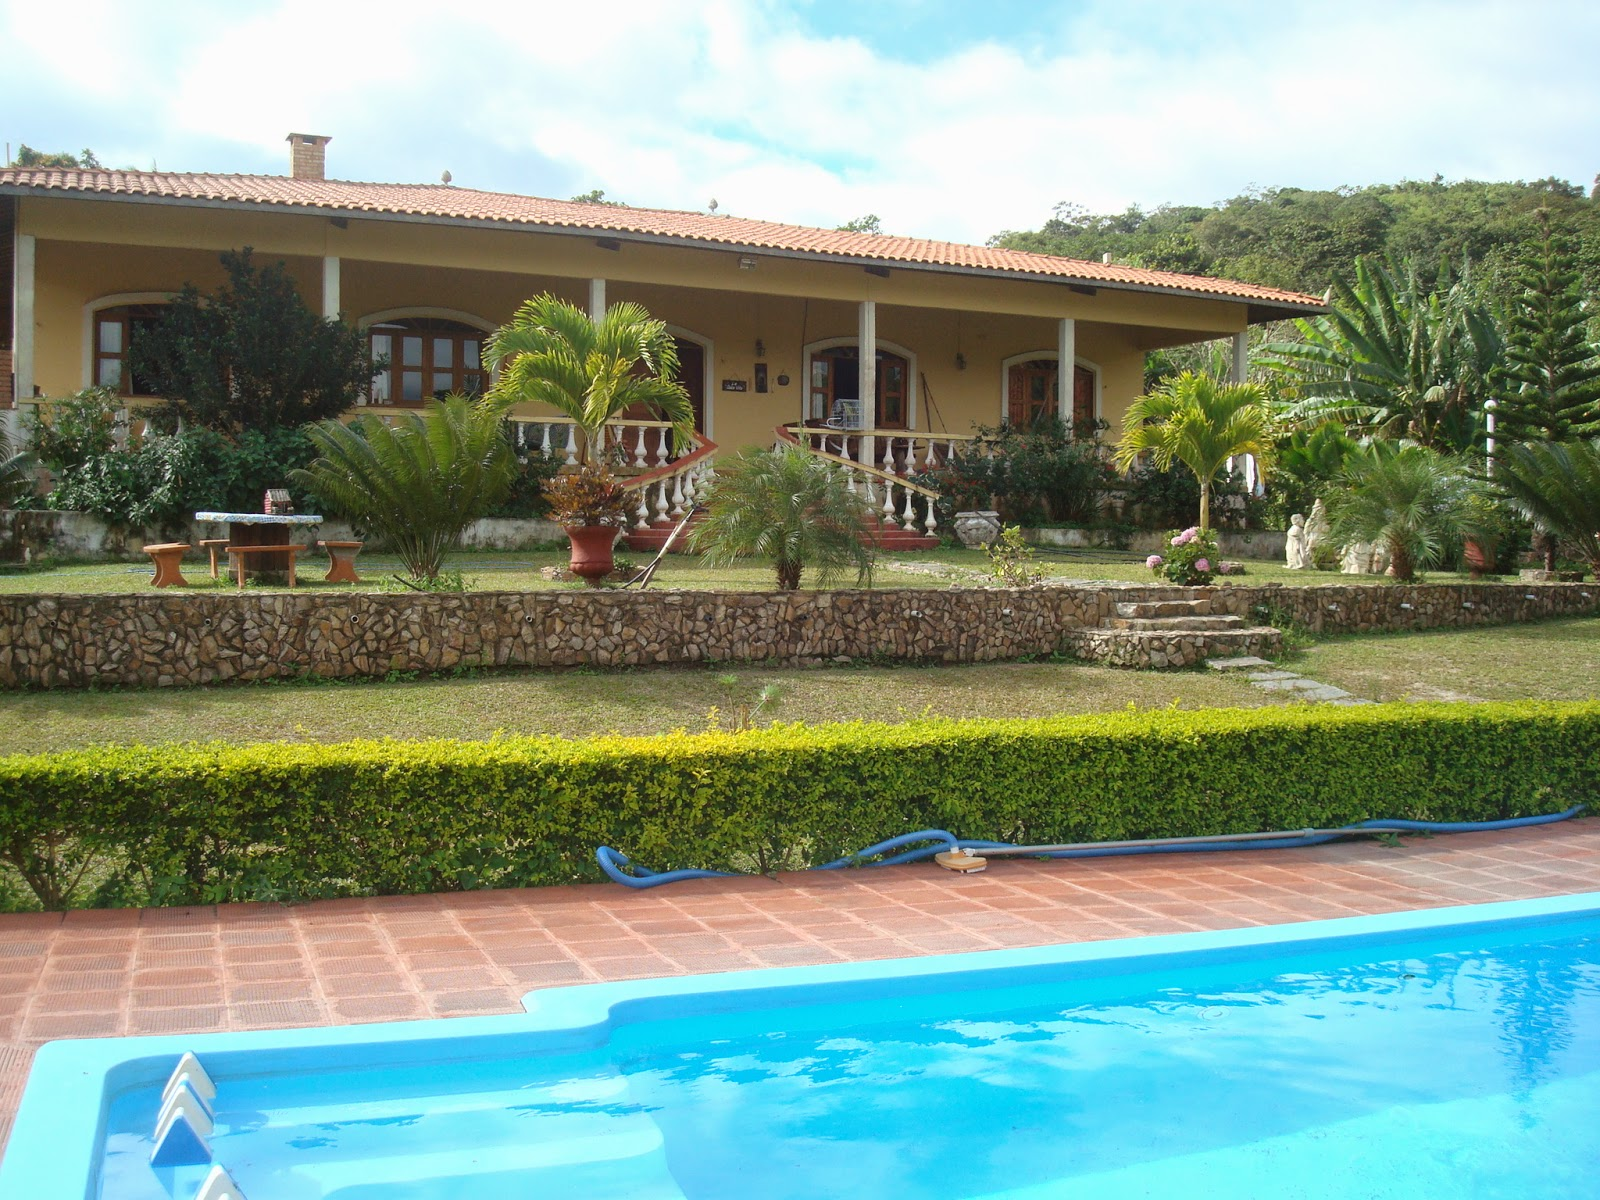 la casa dei tuoi sogni vivere in brasile